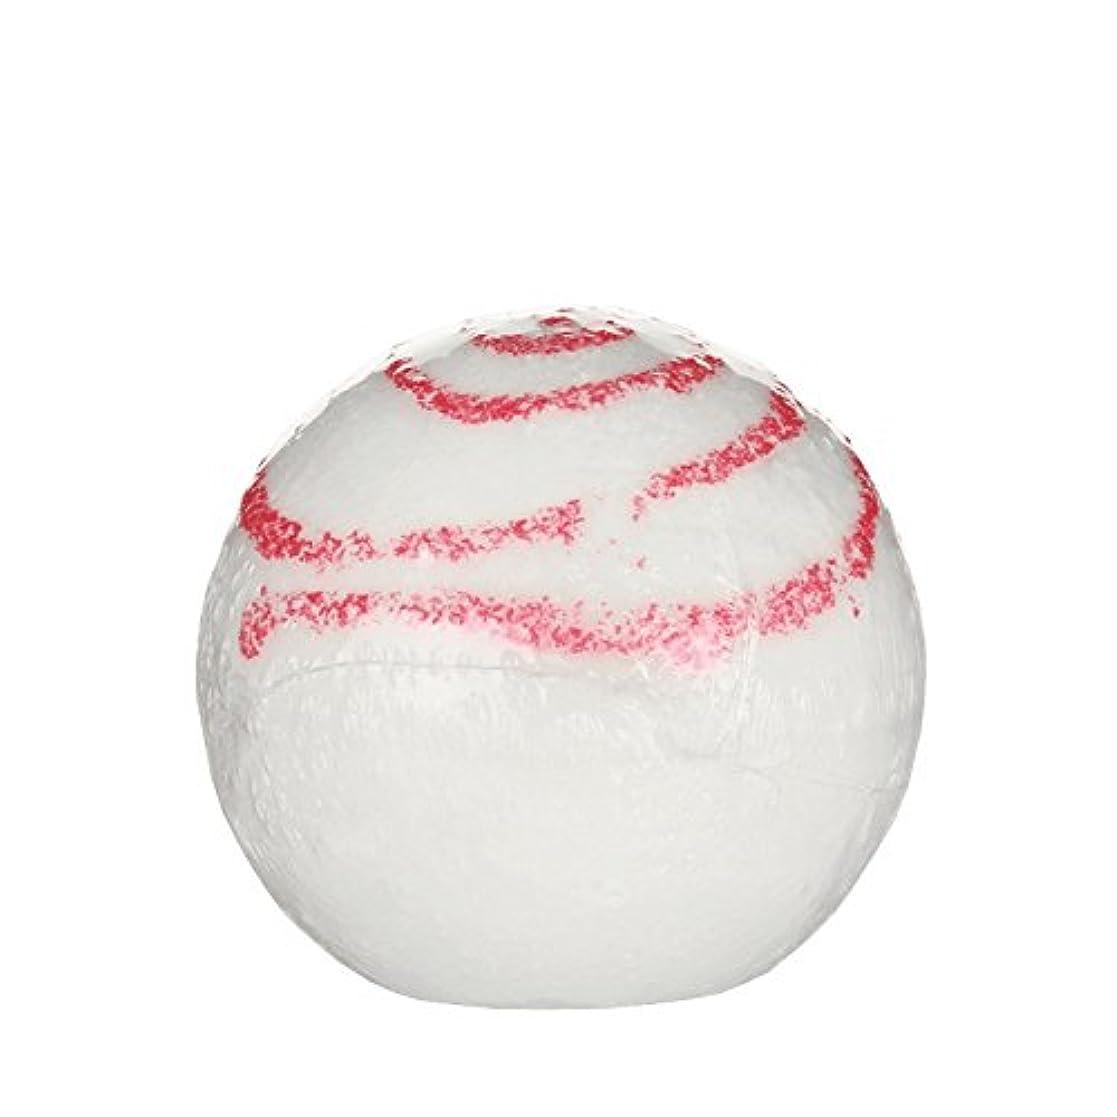 過言唯一歴史家Treetsバスボールグリッターキス170グラム - Treets Bath Ball Glitter Kiss 170g (Treets) [並行輸入品]